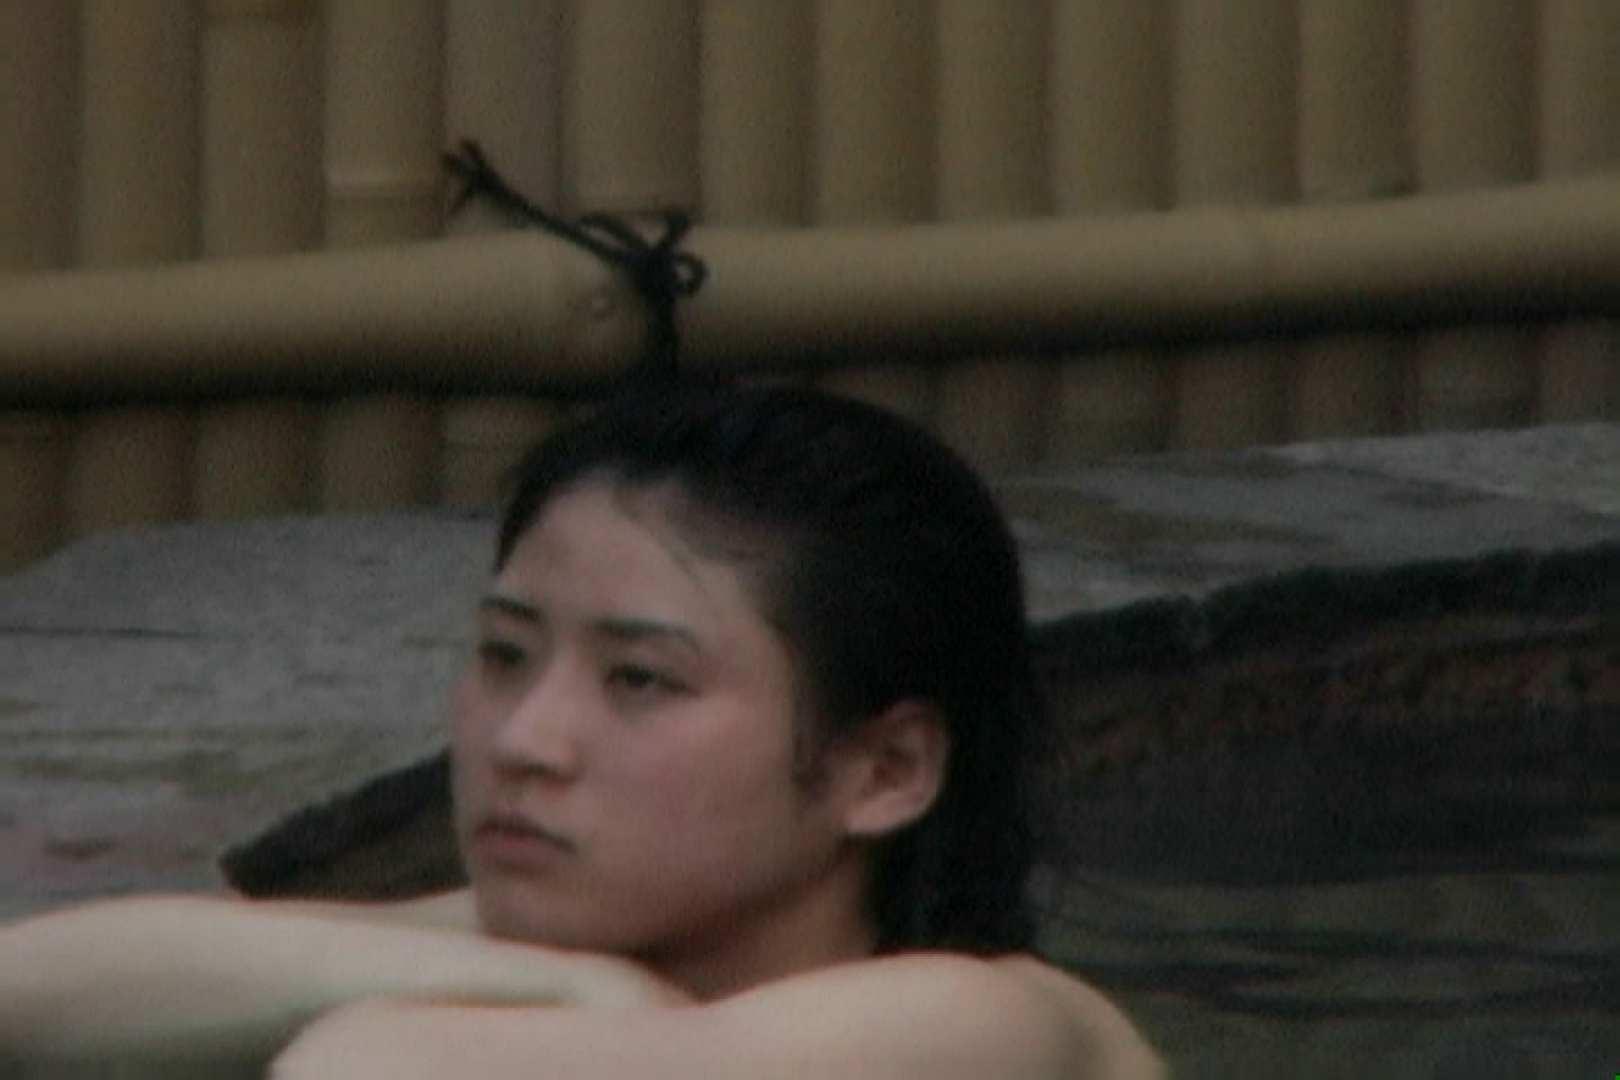 高画質露天女風呂観察 vol.004 入浴 盗撮エロ画像 110画像 82